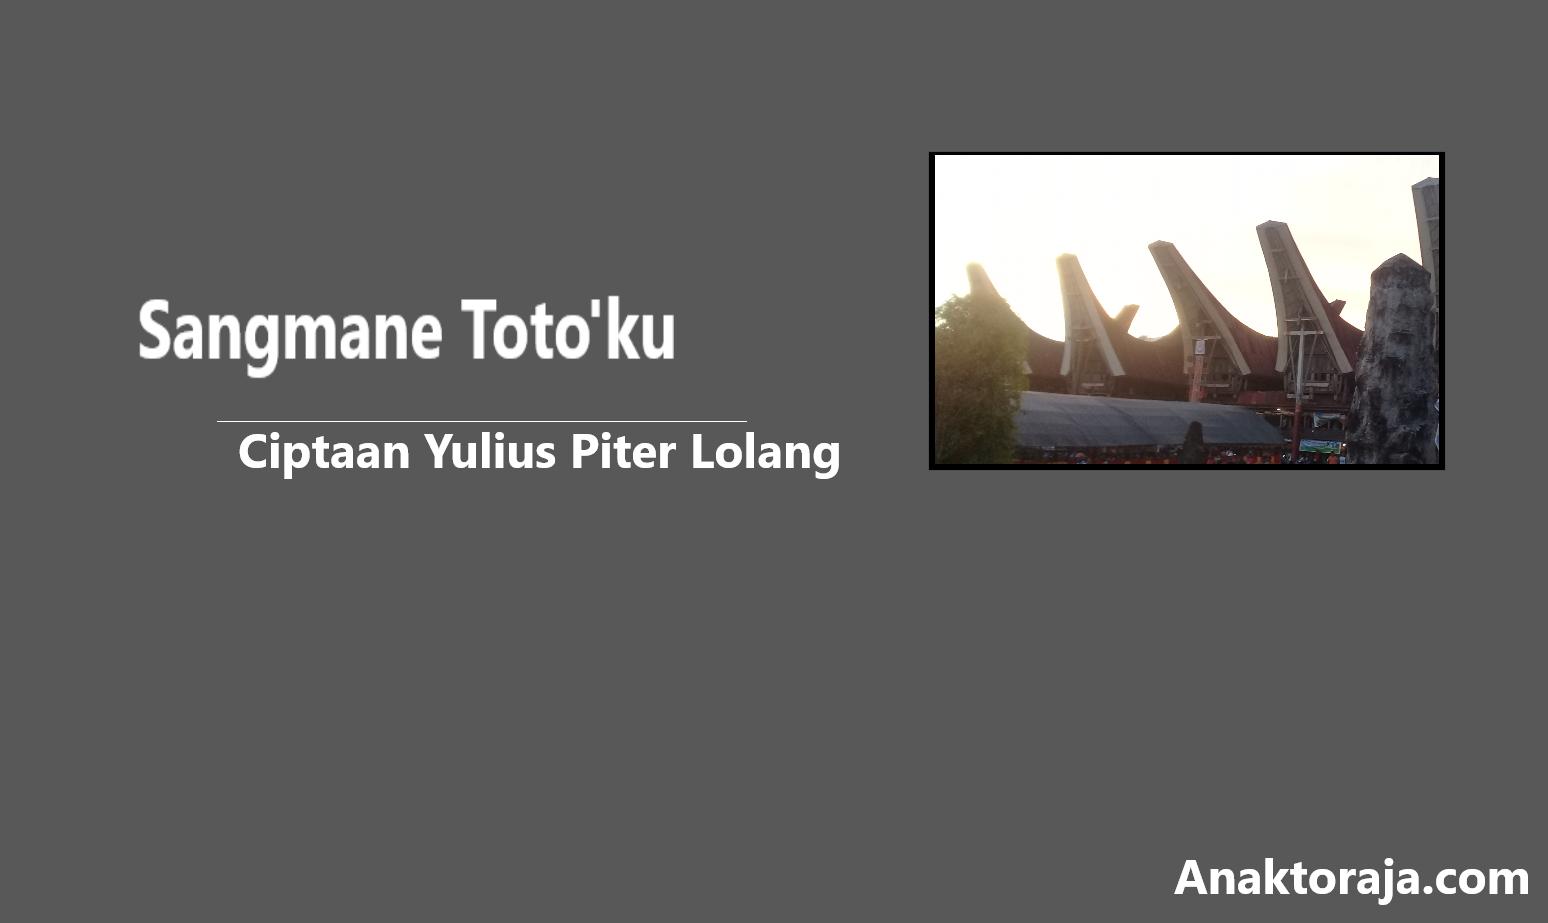 Lirik Lagu Sangmane Toto'ku